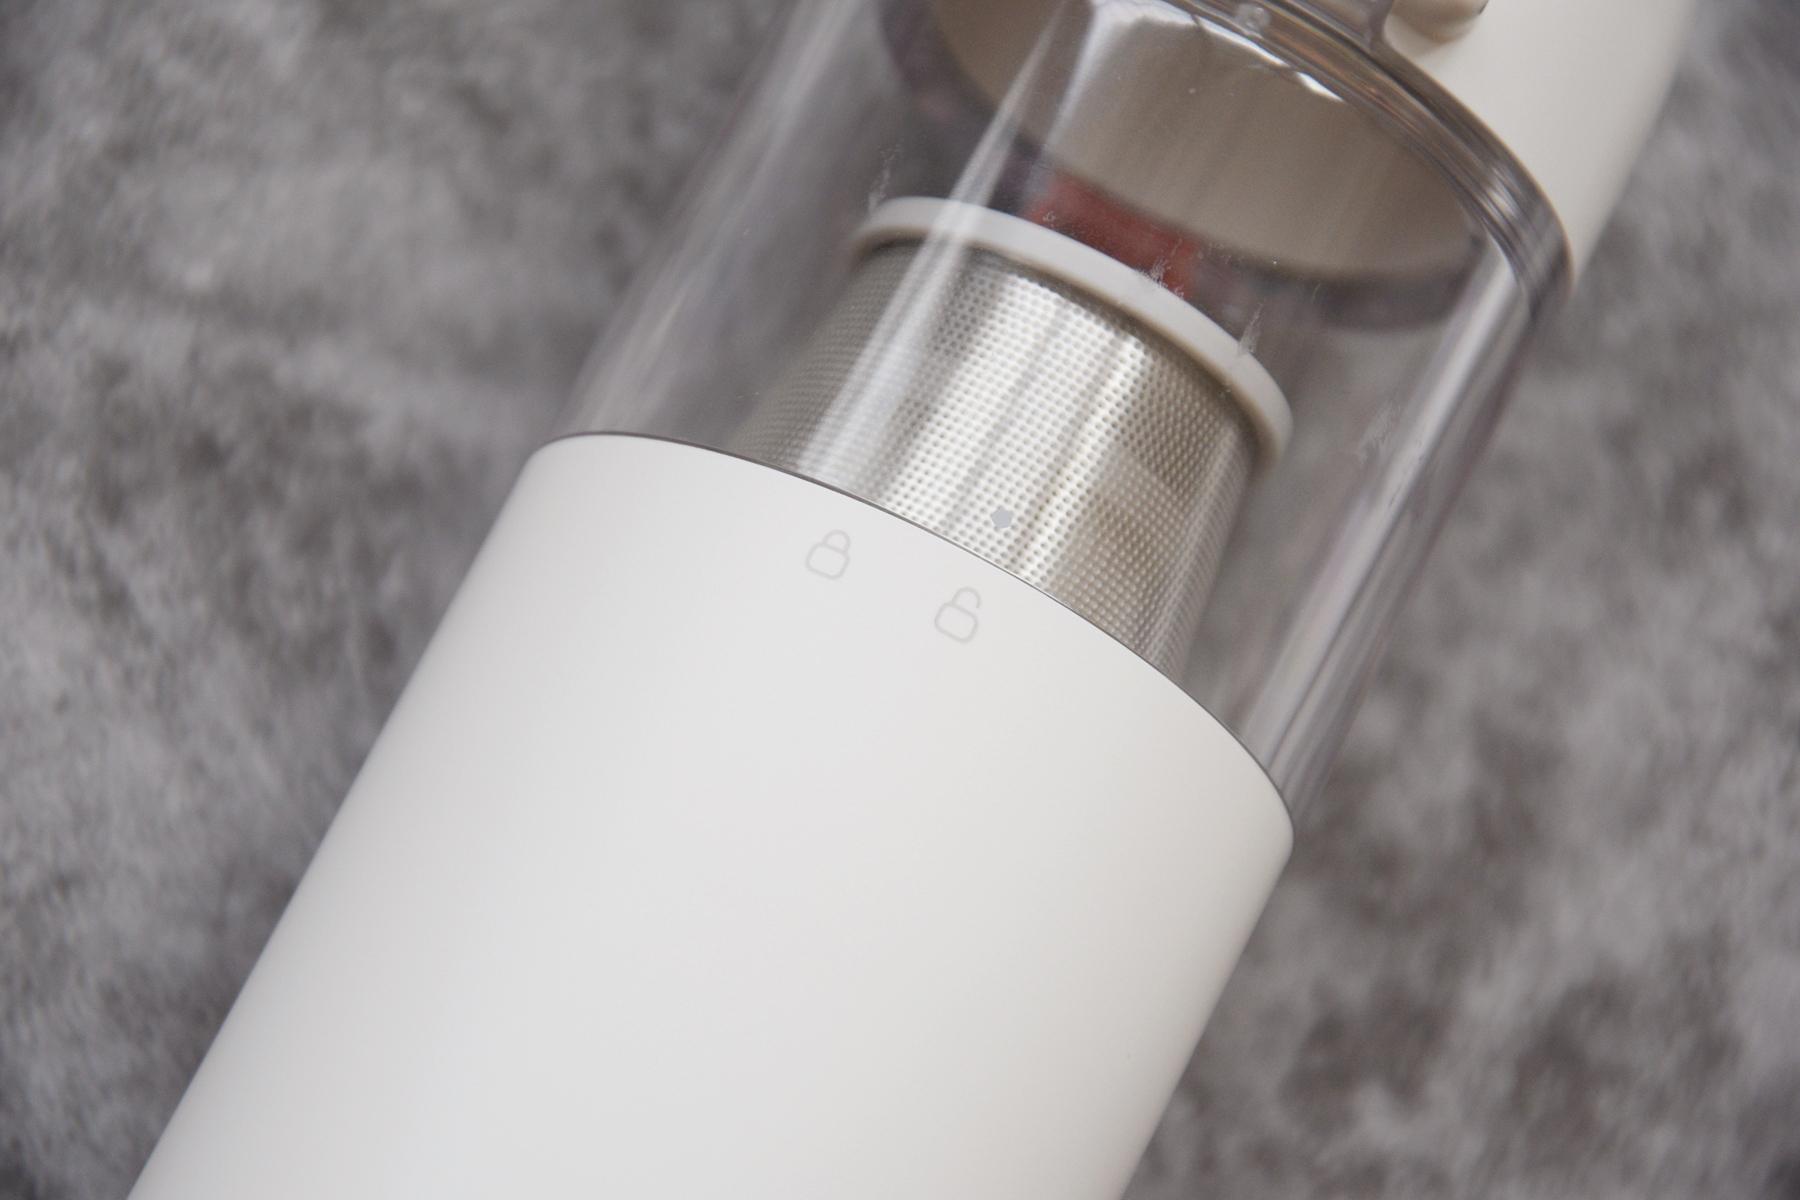 小米性價比之王橫空出世!300元內最實用好用的隨手吸塵器